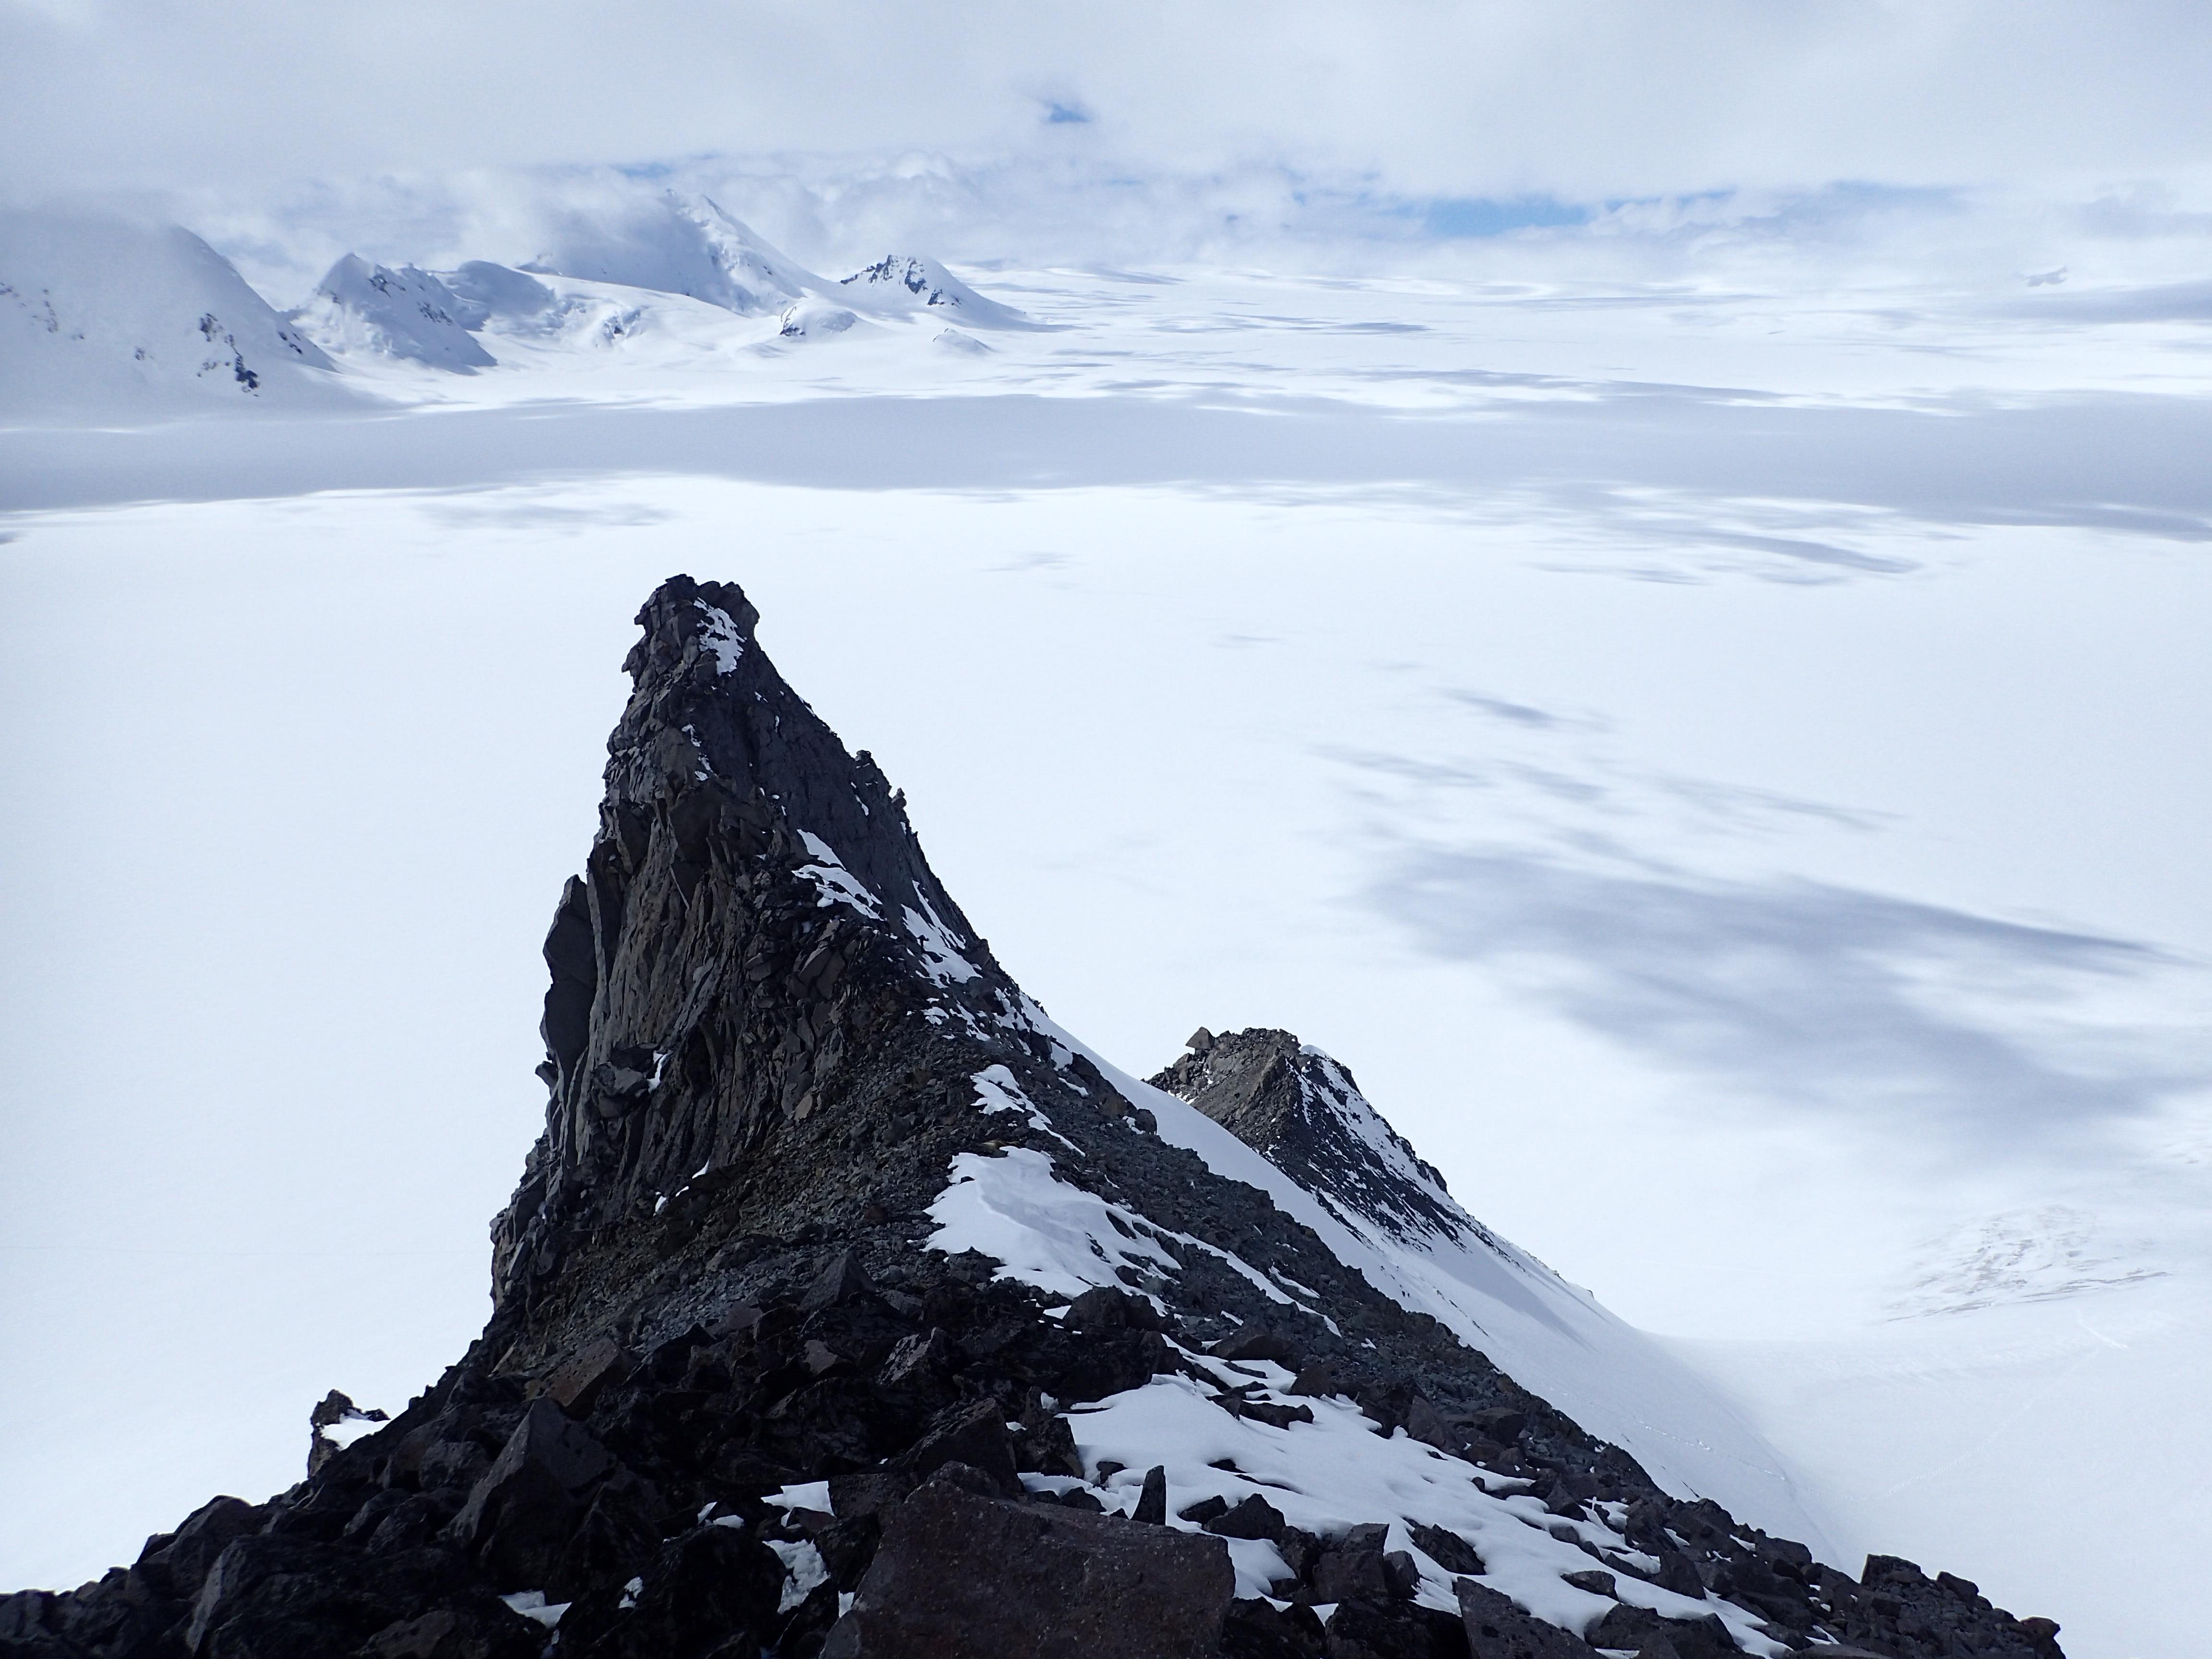 Looking down the ridgeline of Peak 8,615'.